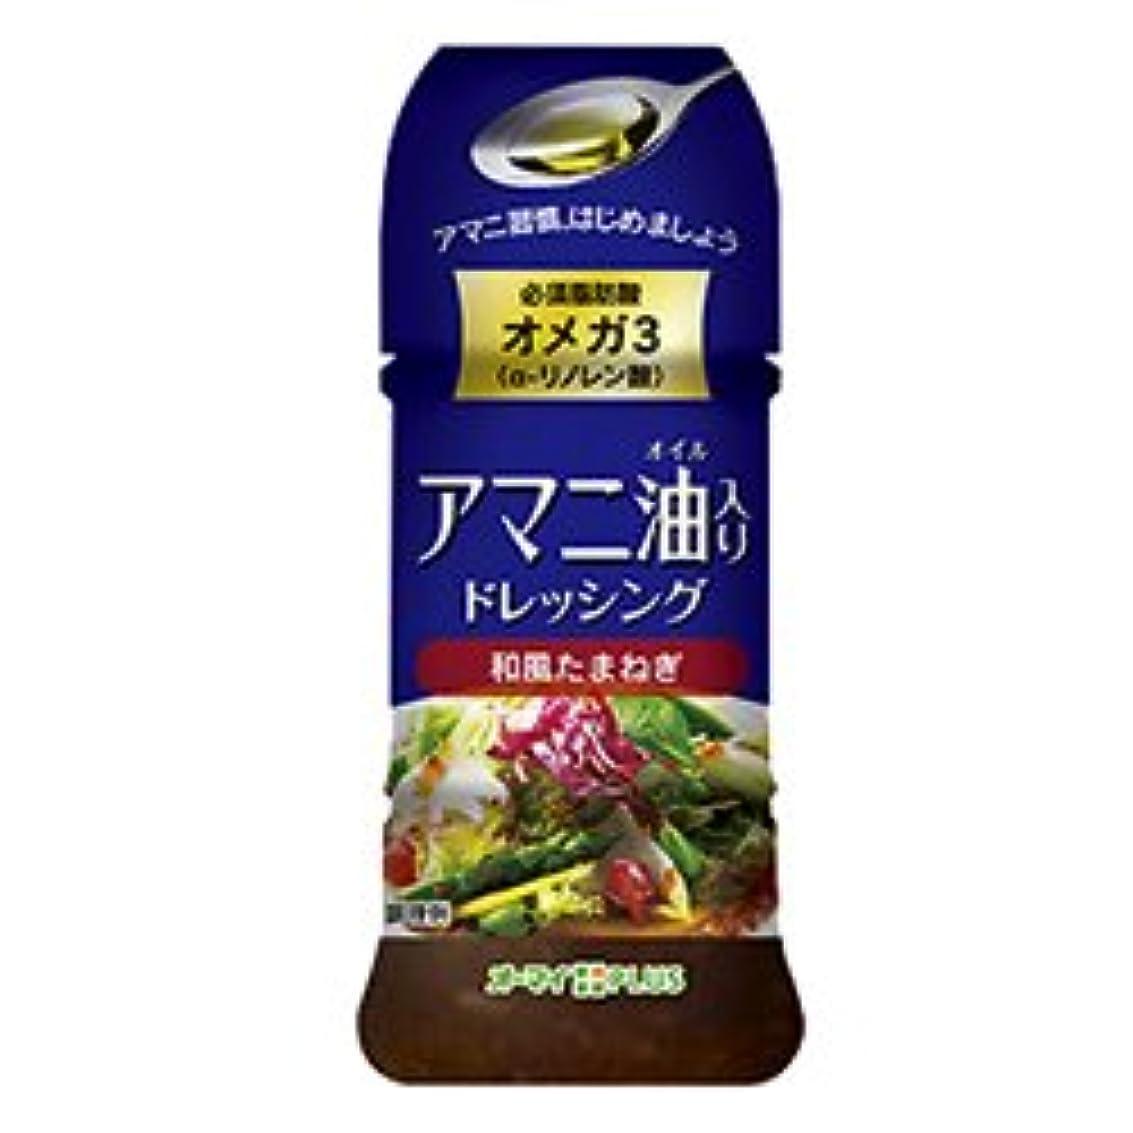 居間袋理容師アマニ油ドレッシング 和風たまねぎ【5本セット】日本製粉